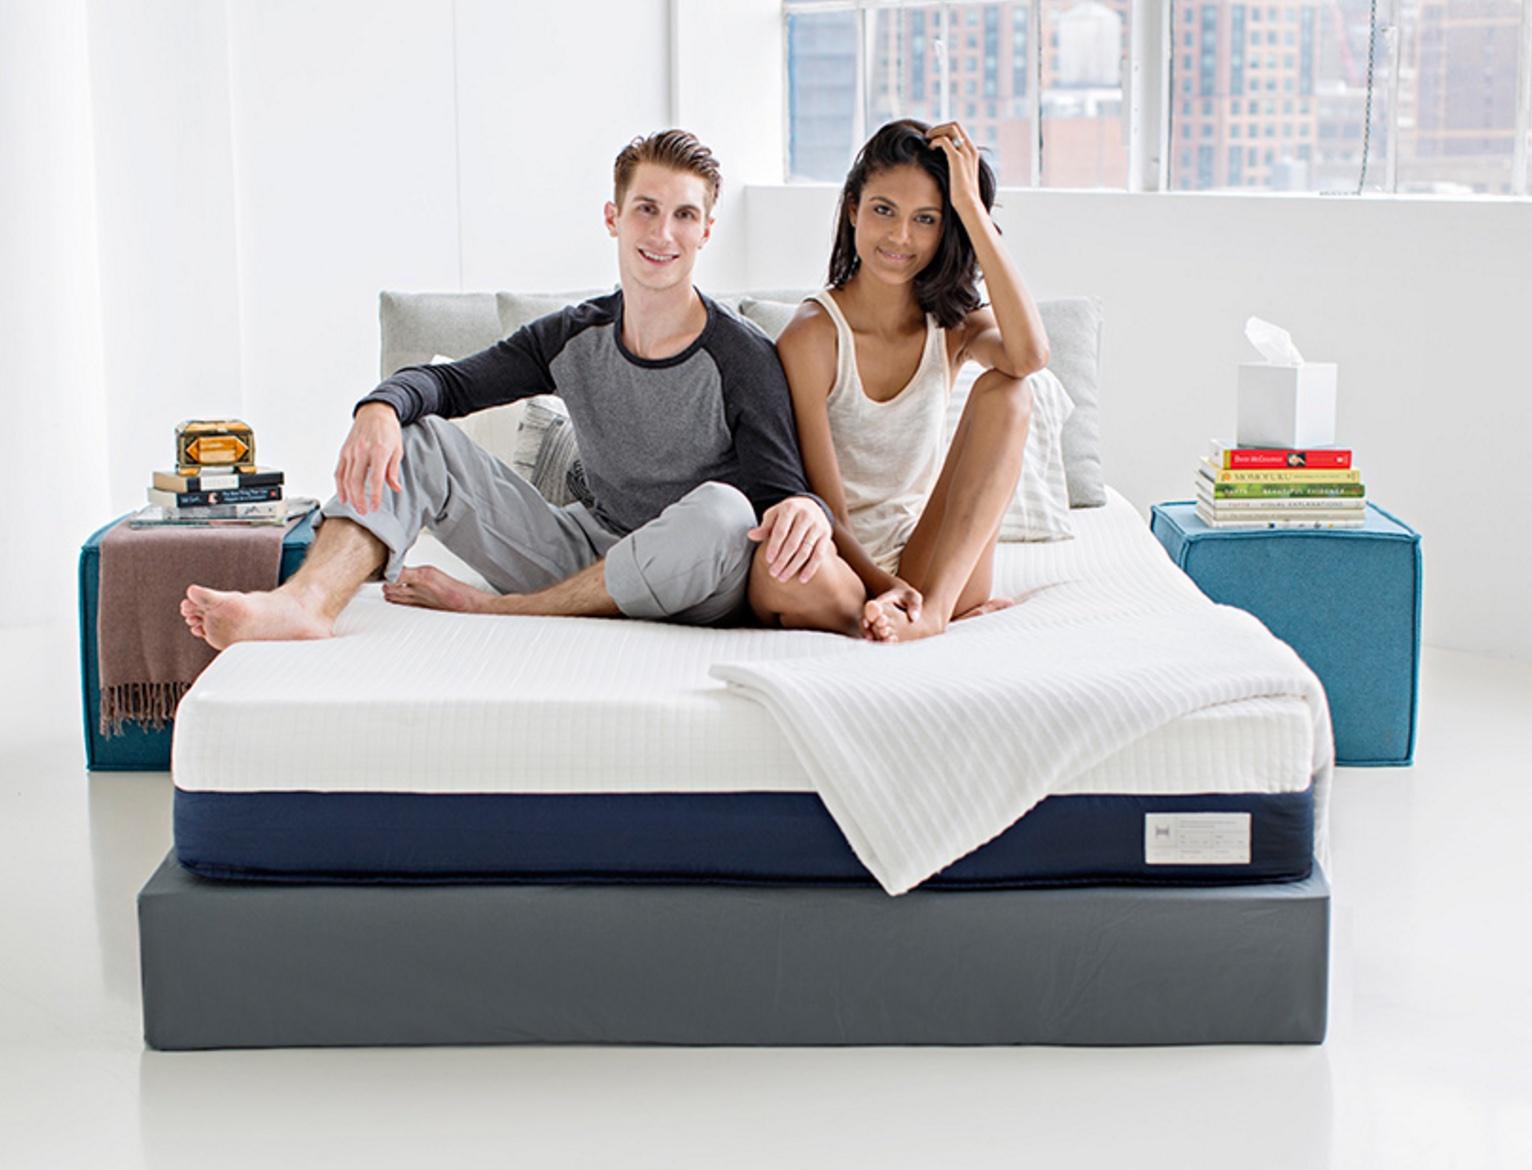 Виды матрасов для кровати - какие бывают